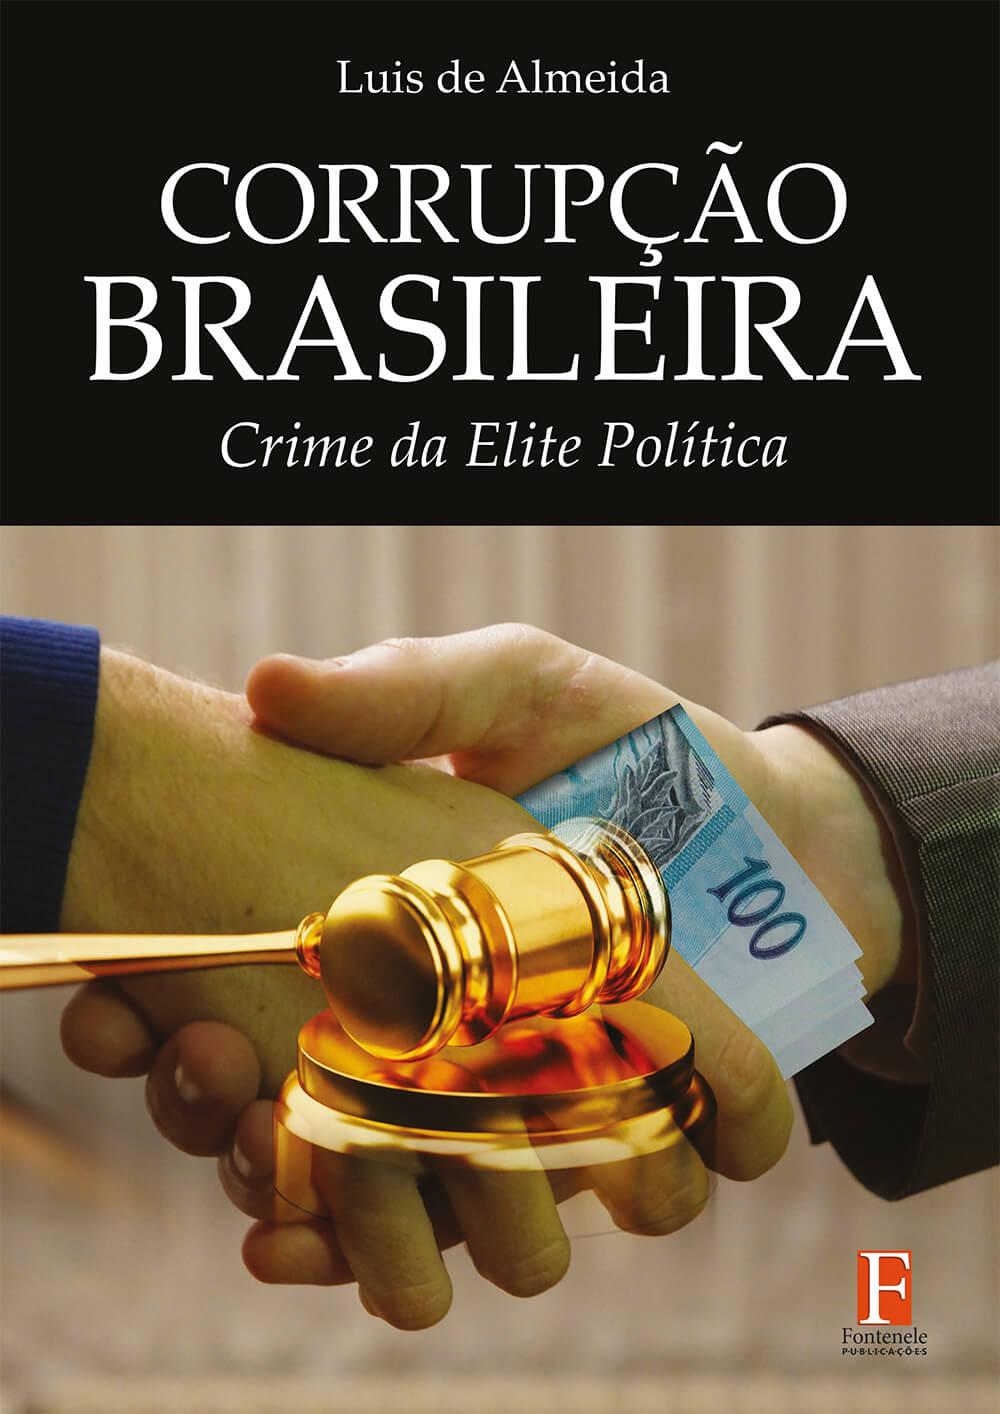 Fontenele Publicações / 11 95150-3481 / 11  95150-4383 Direito - CORRUPÇÃO BRASILEIRA: Crime da Elite Política